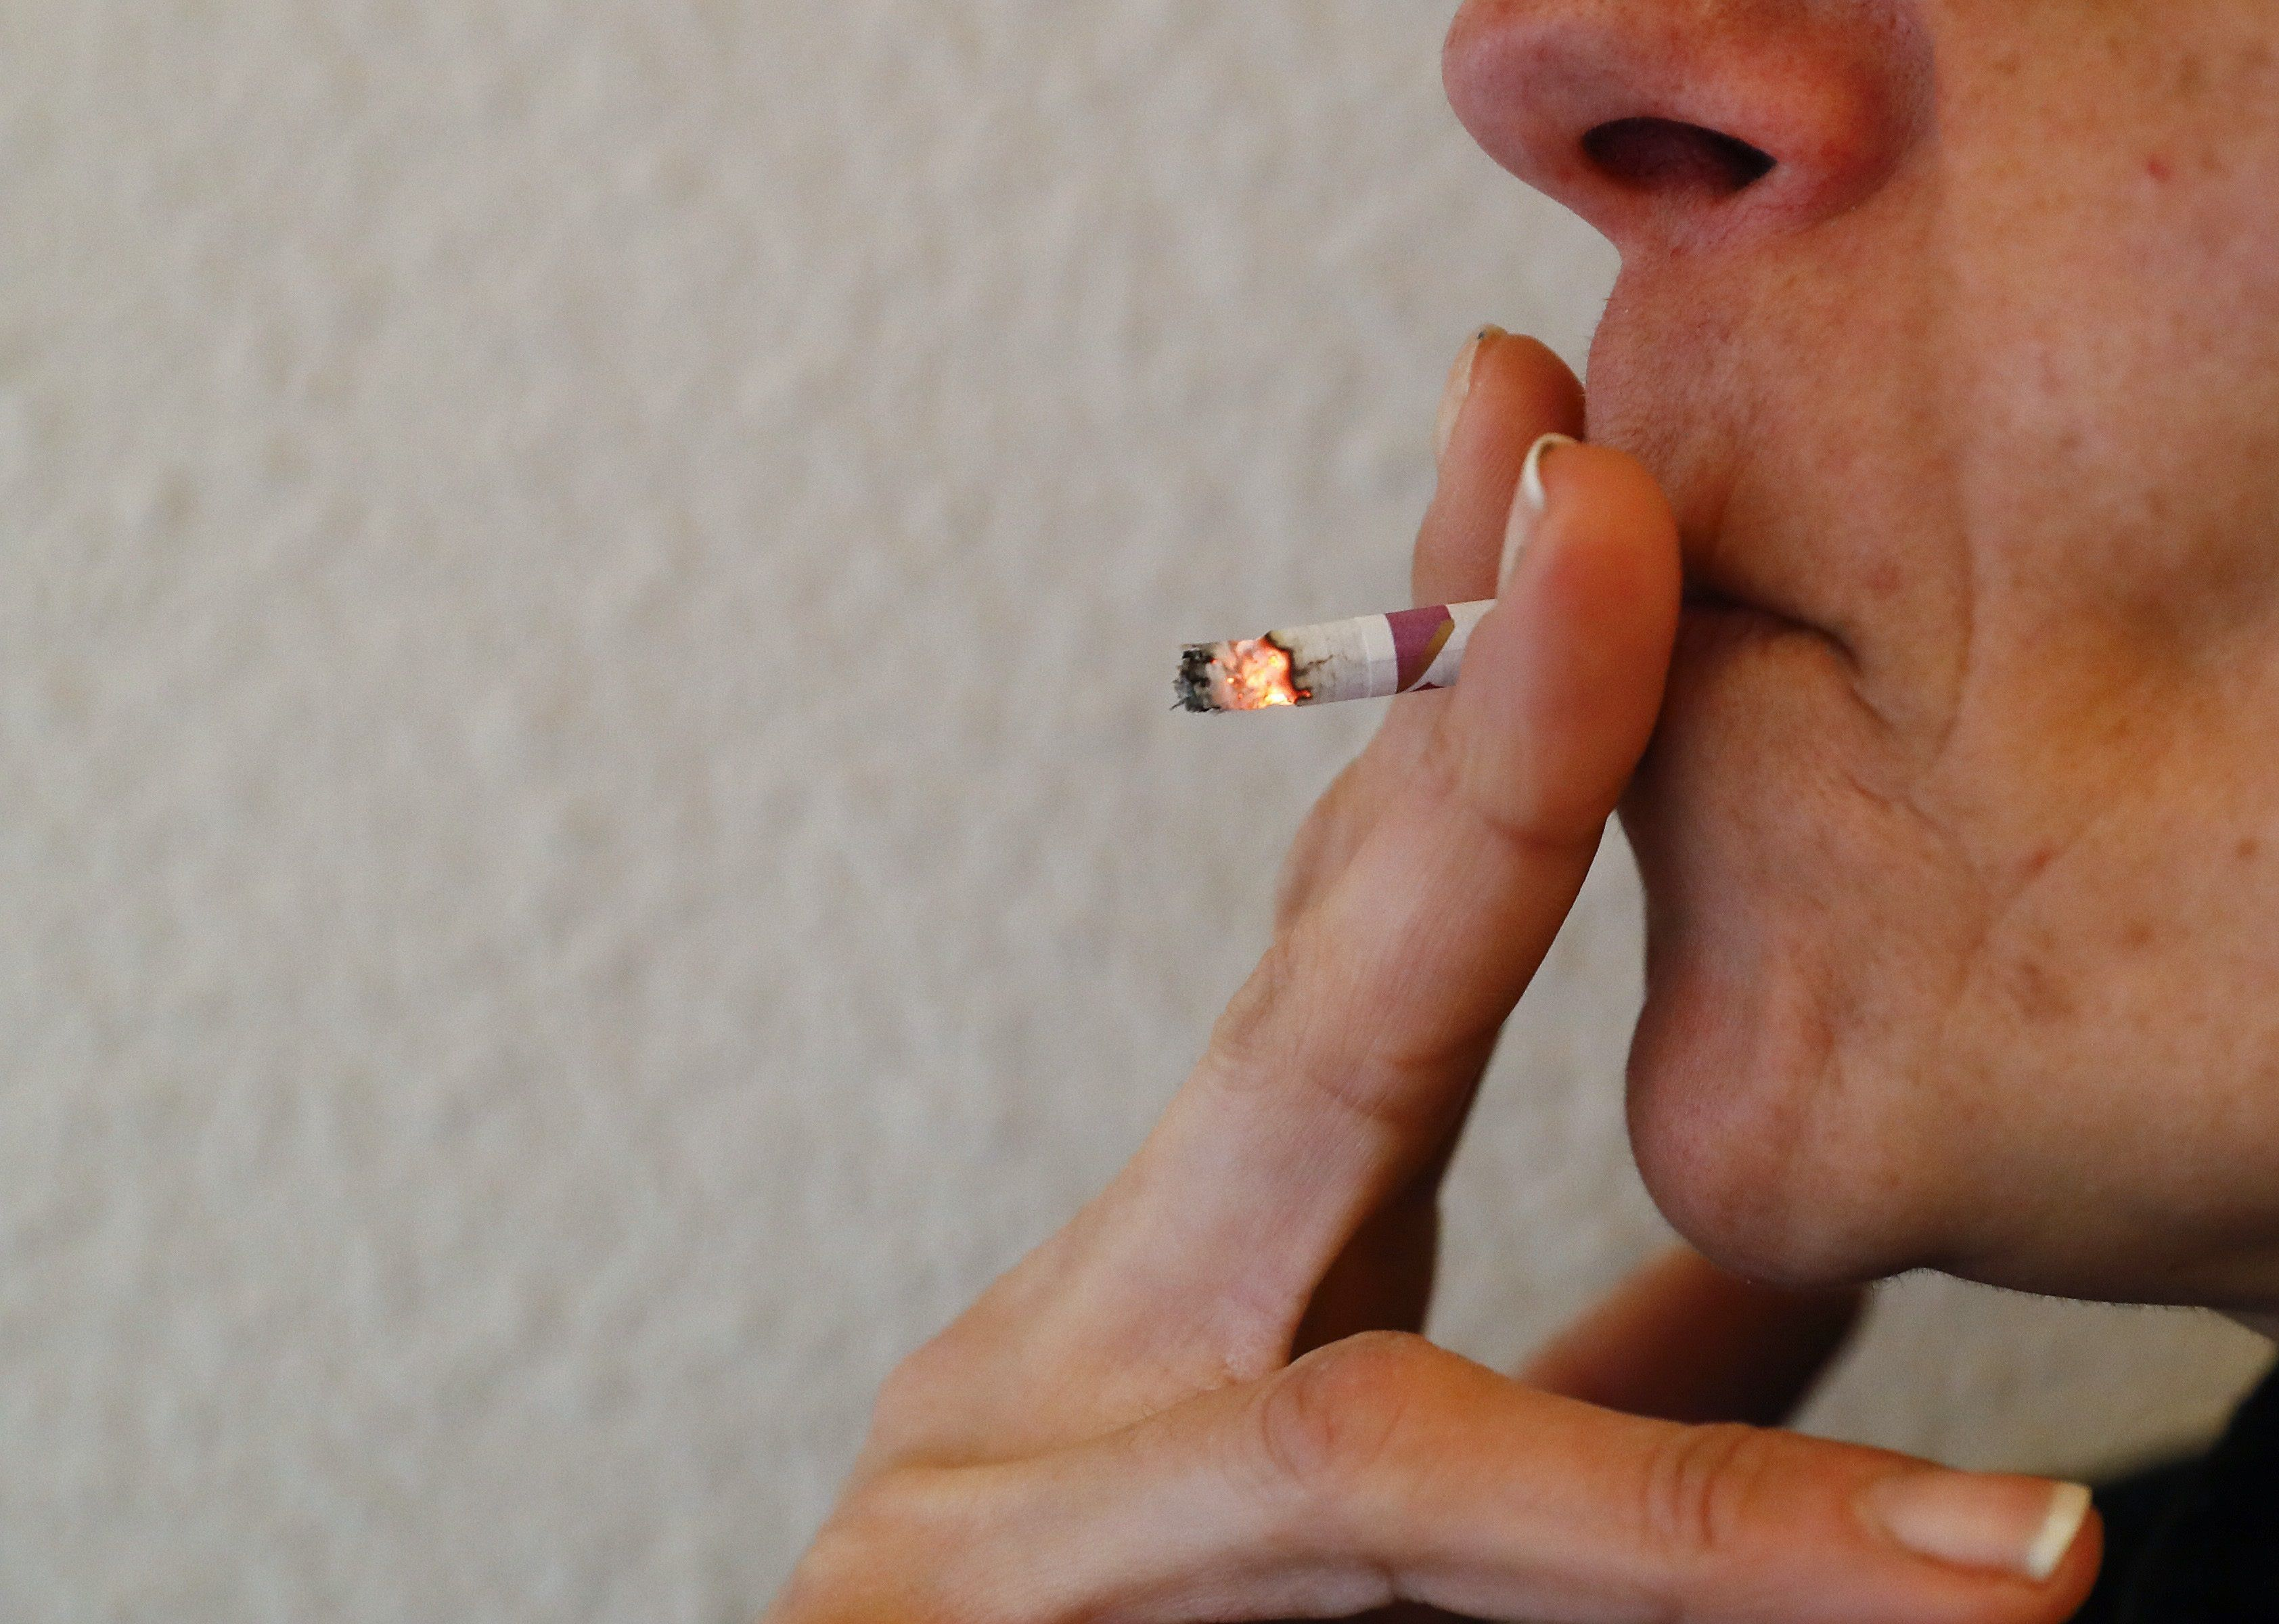 En los ocho países incluidos en el estudio los costes que el tabaquismo suponen para los sistemas de salud y la economía ascienden a un total regional de 46.346 millones de dólares. EFE/ Ballesteros/Archivo